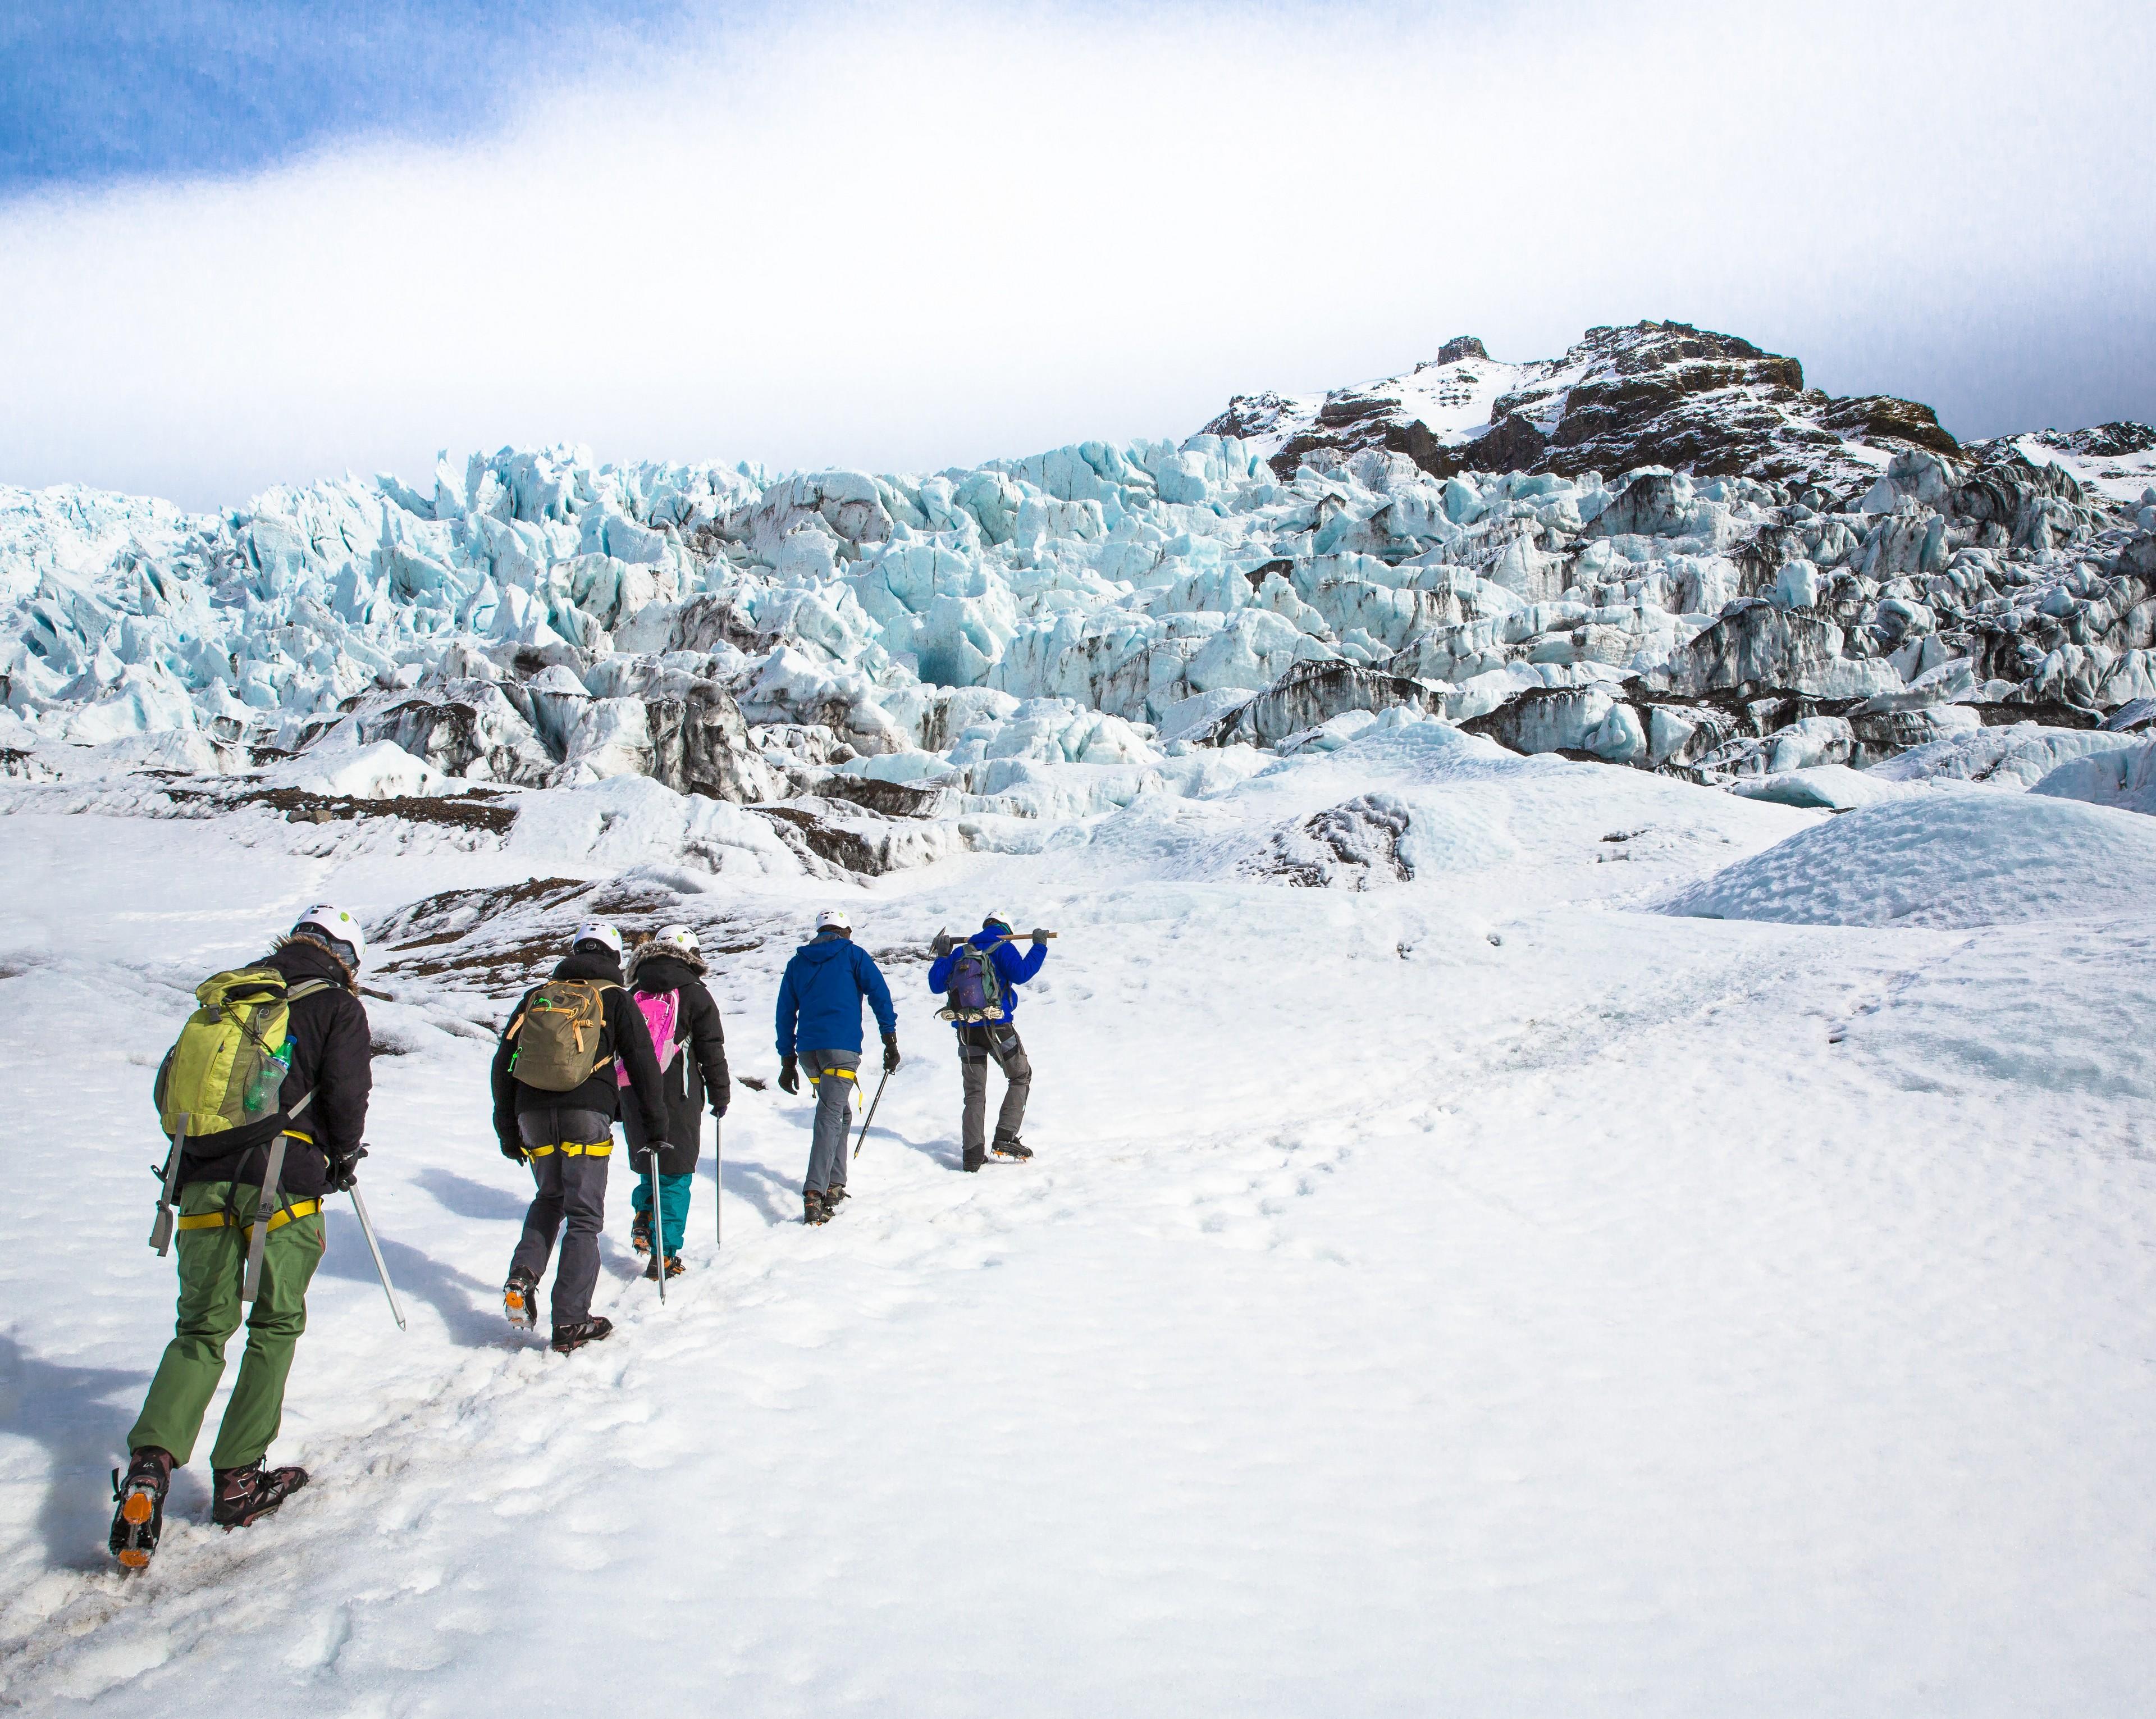 Najdroższe są usługi - ceny w szwajcarii za przewodnictwo górskie są naprawdę wysokie